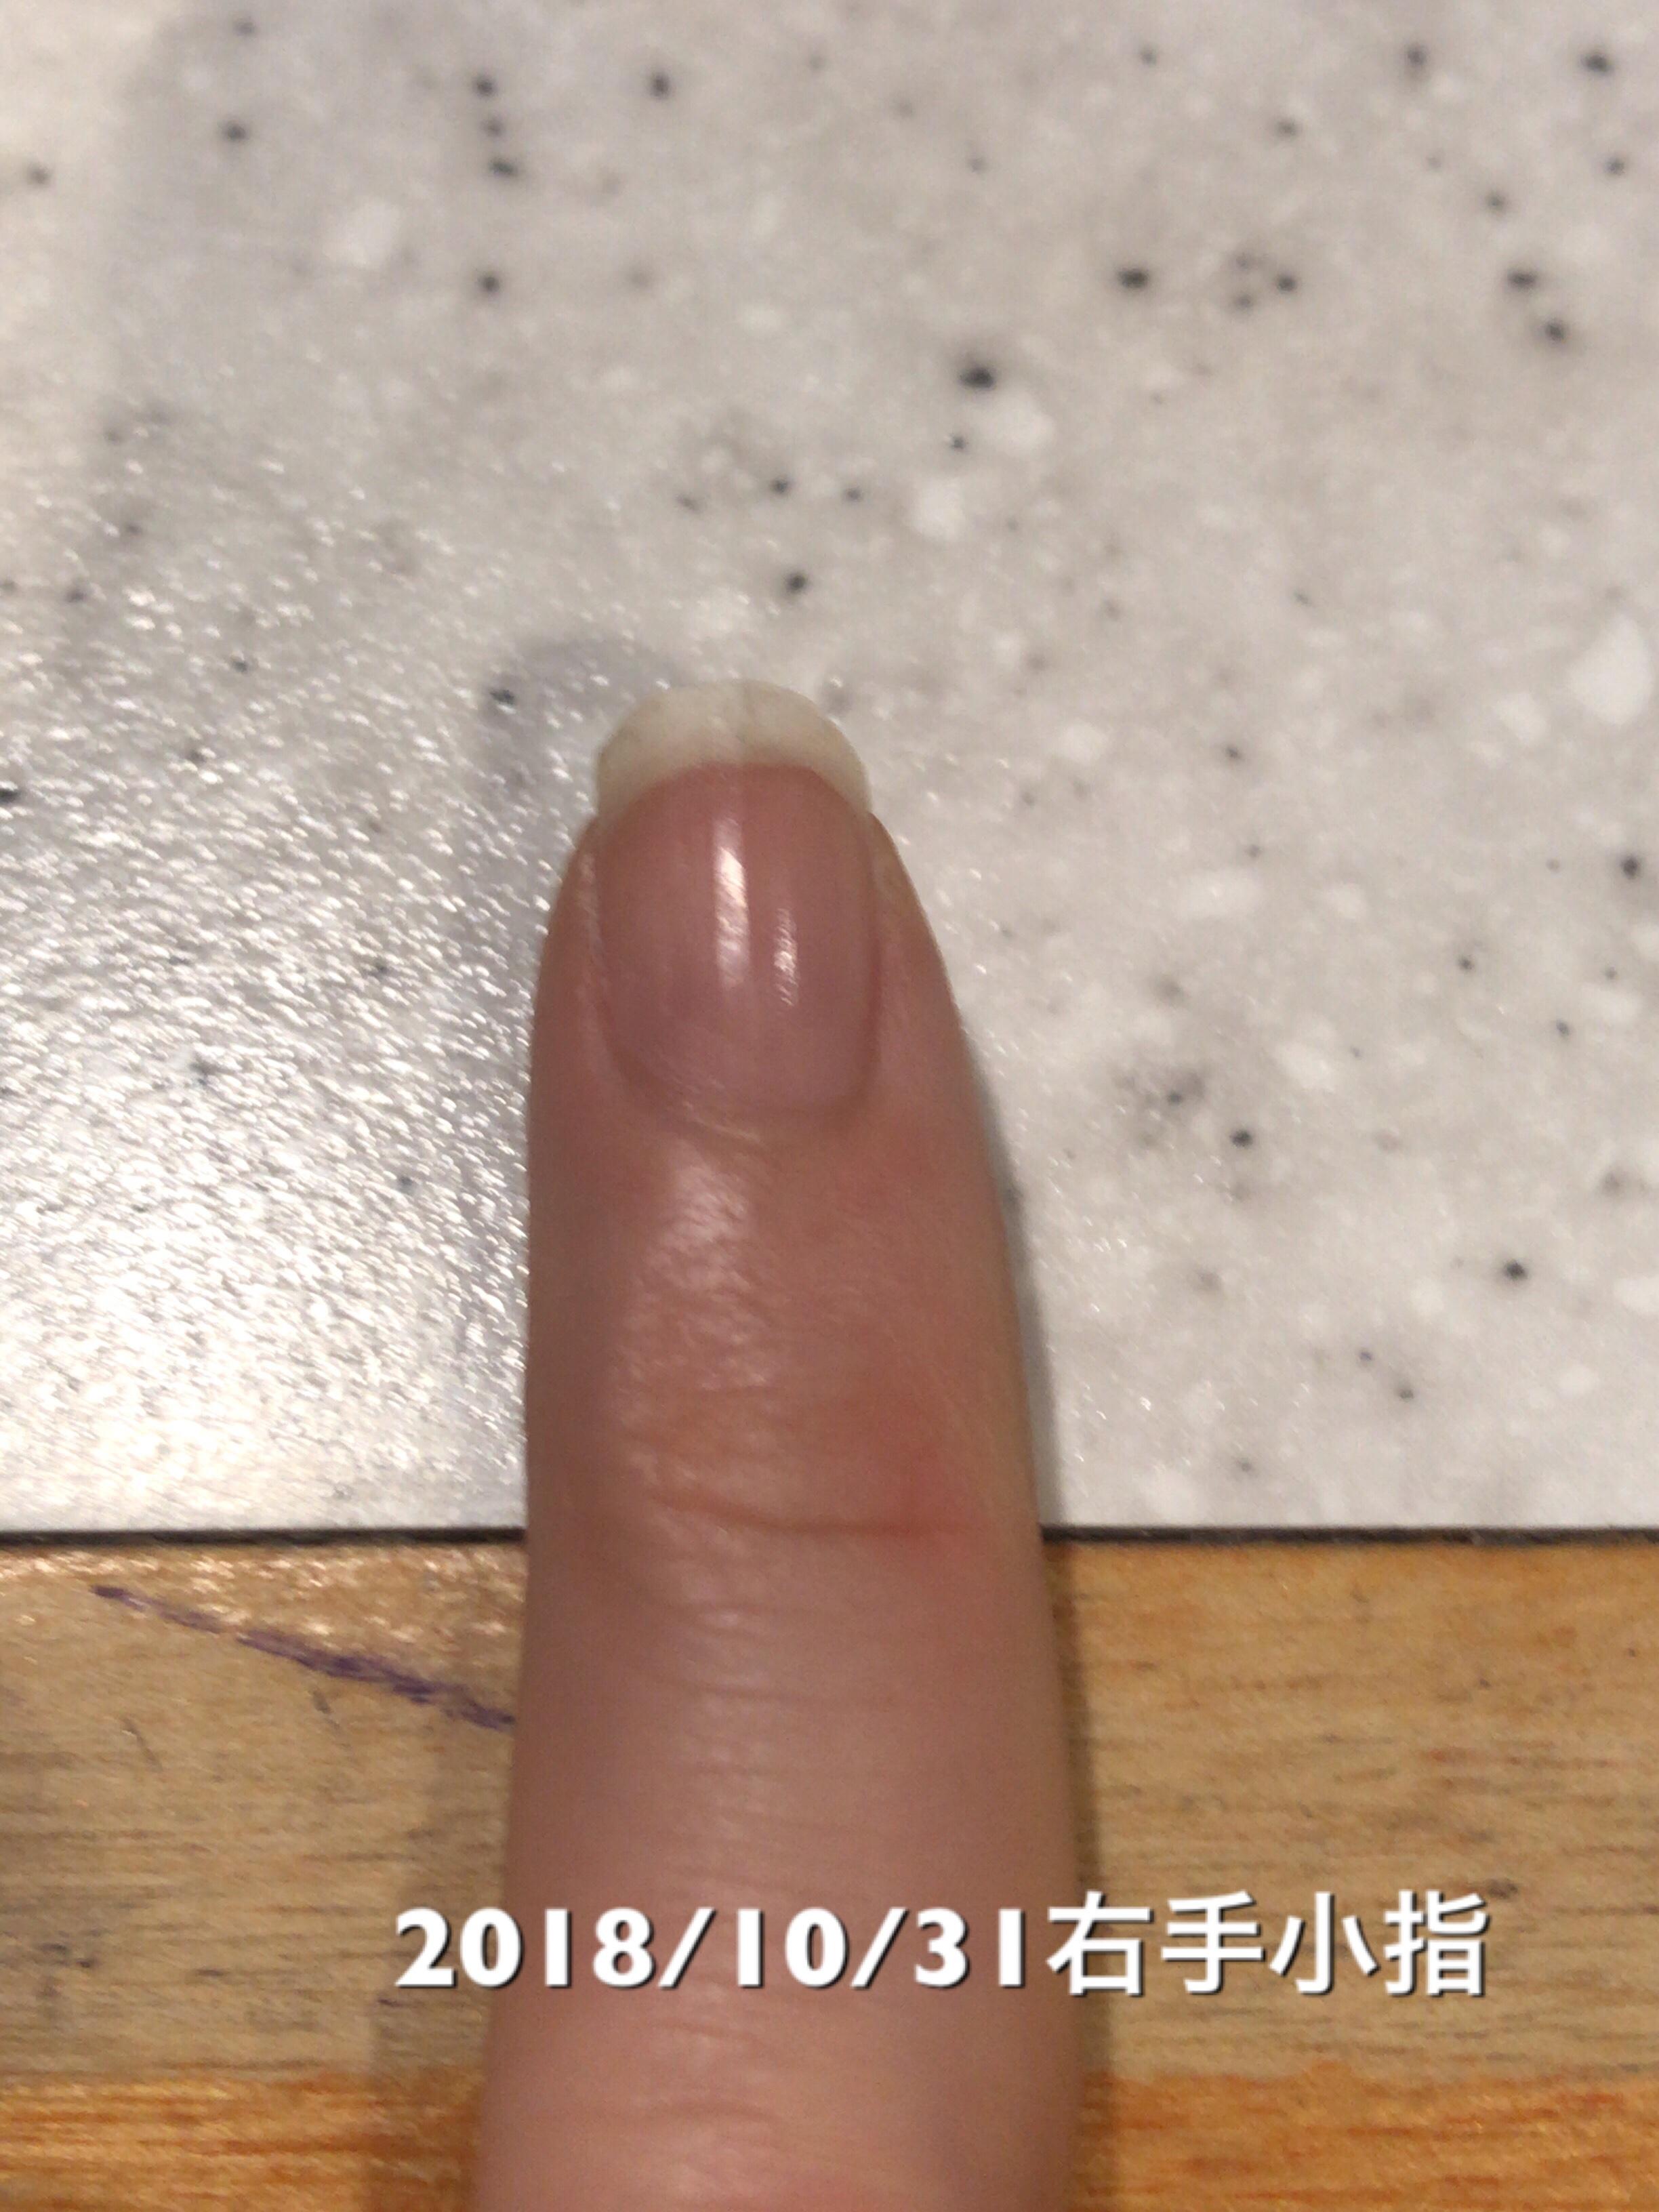 小指もネイルベッドが1mm成長。小指はネイルベッドの長さも形も満足できる形に近づきつつある印象。という写真